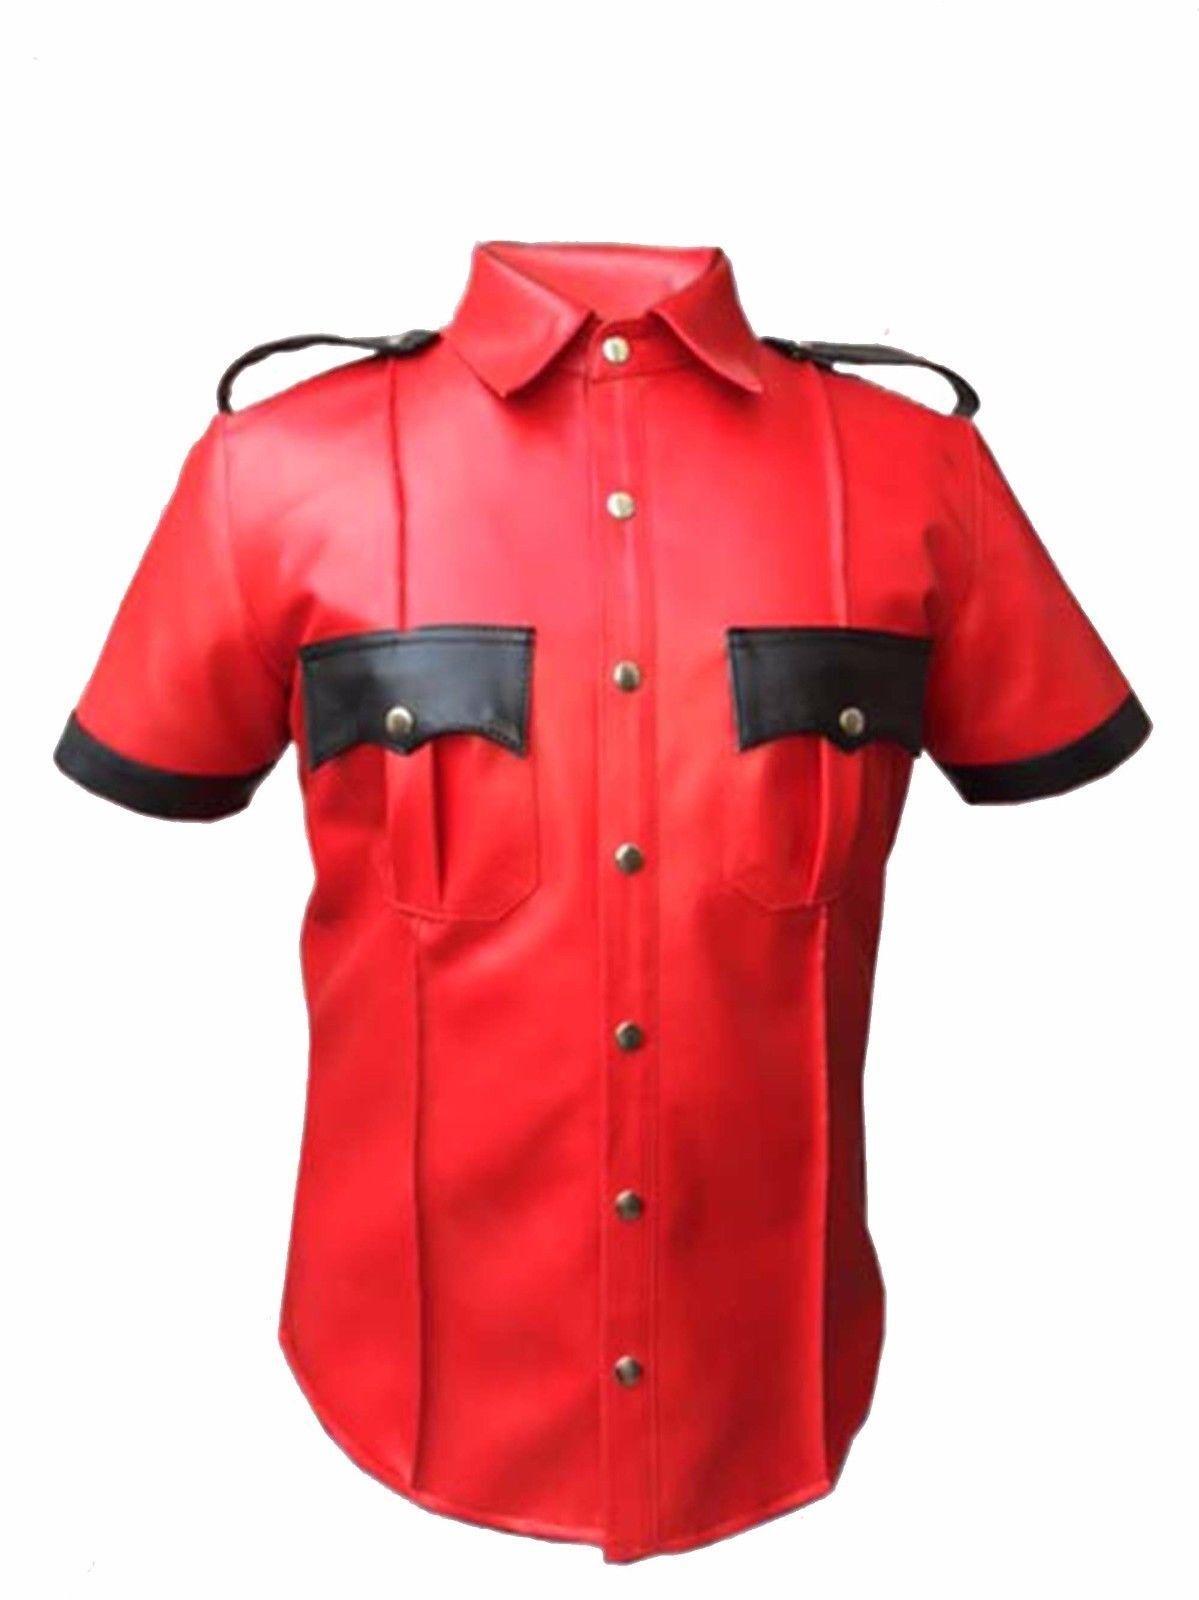 Policía de Cuero De Cordero Oveja Real  uniforme Camisa azulf Gay Hombre Cordero Caliente  Tienda 2018